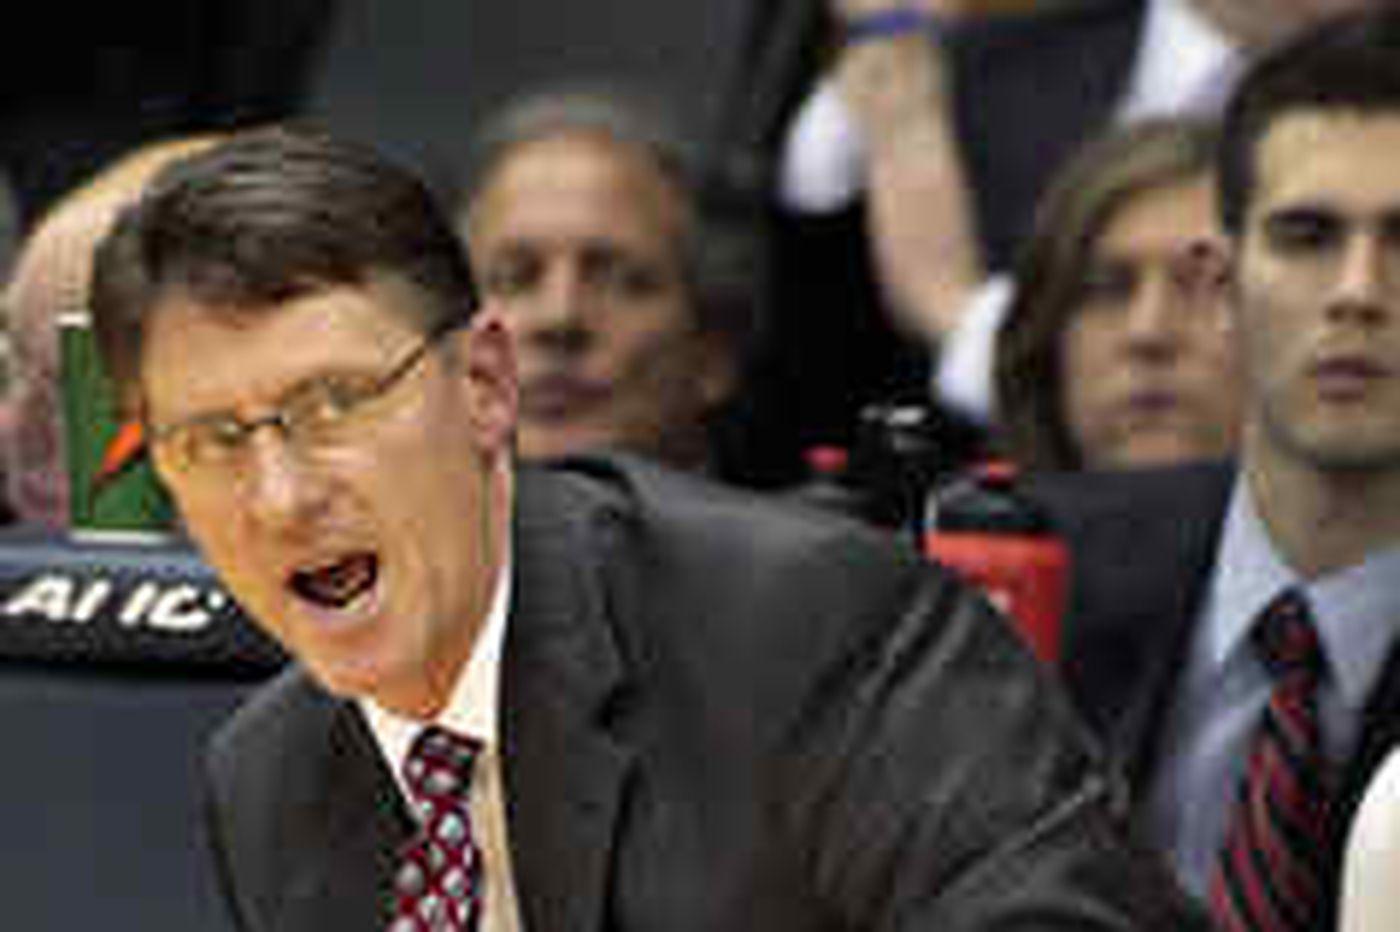 Penn fires basketball coach Glen Miller